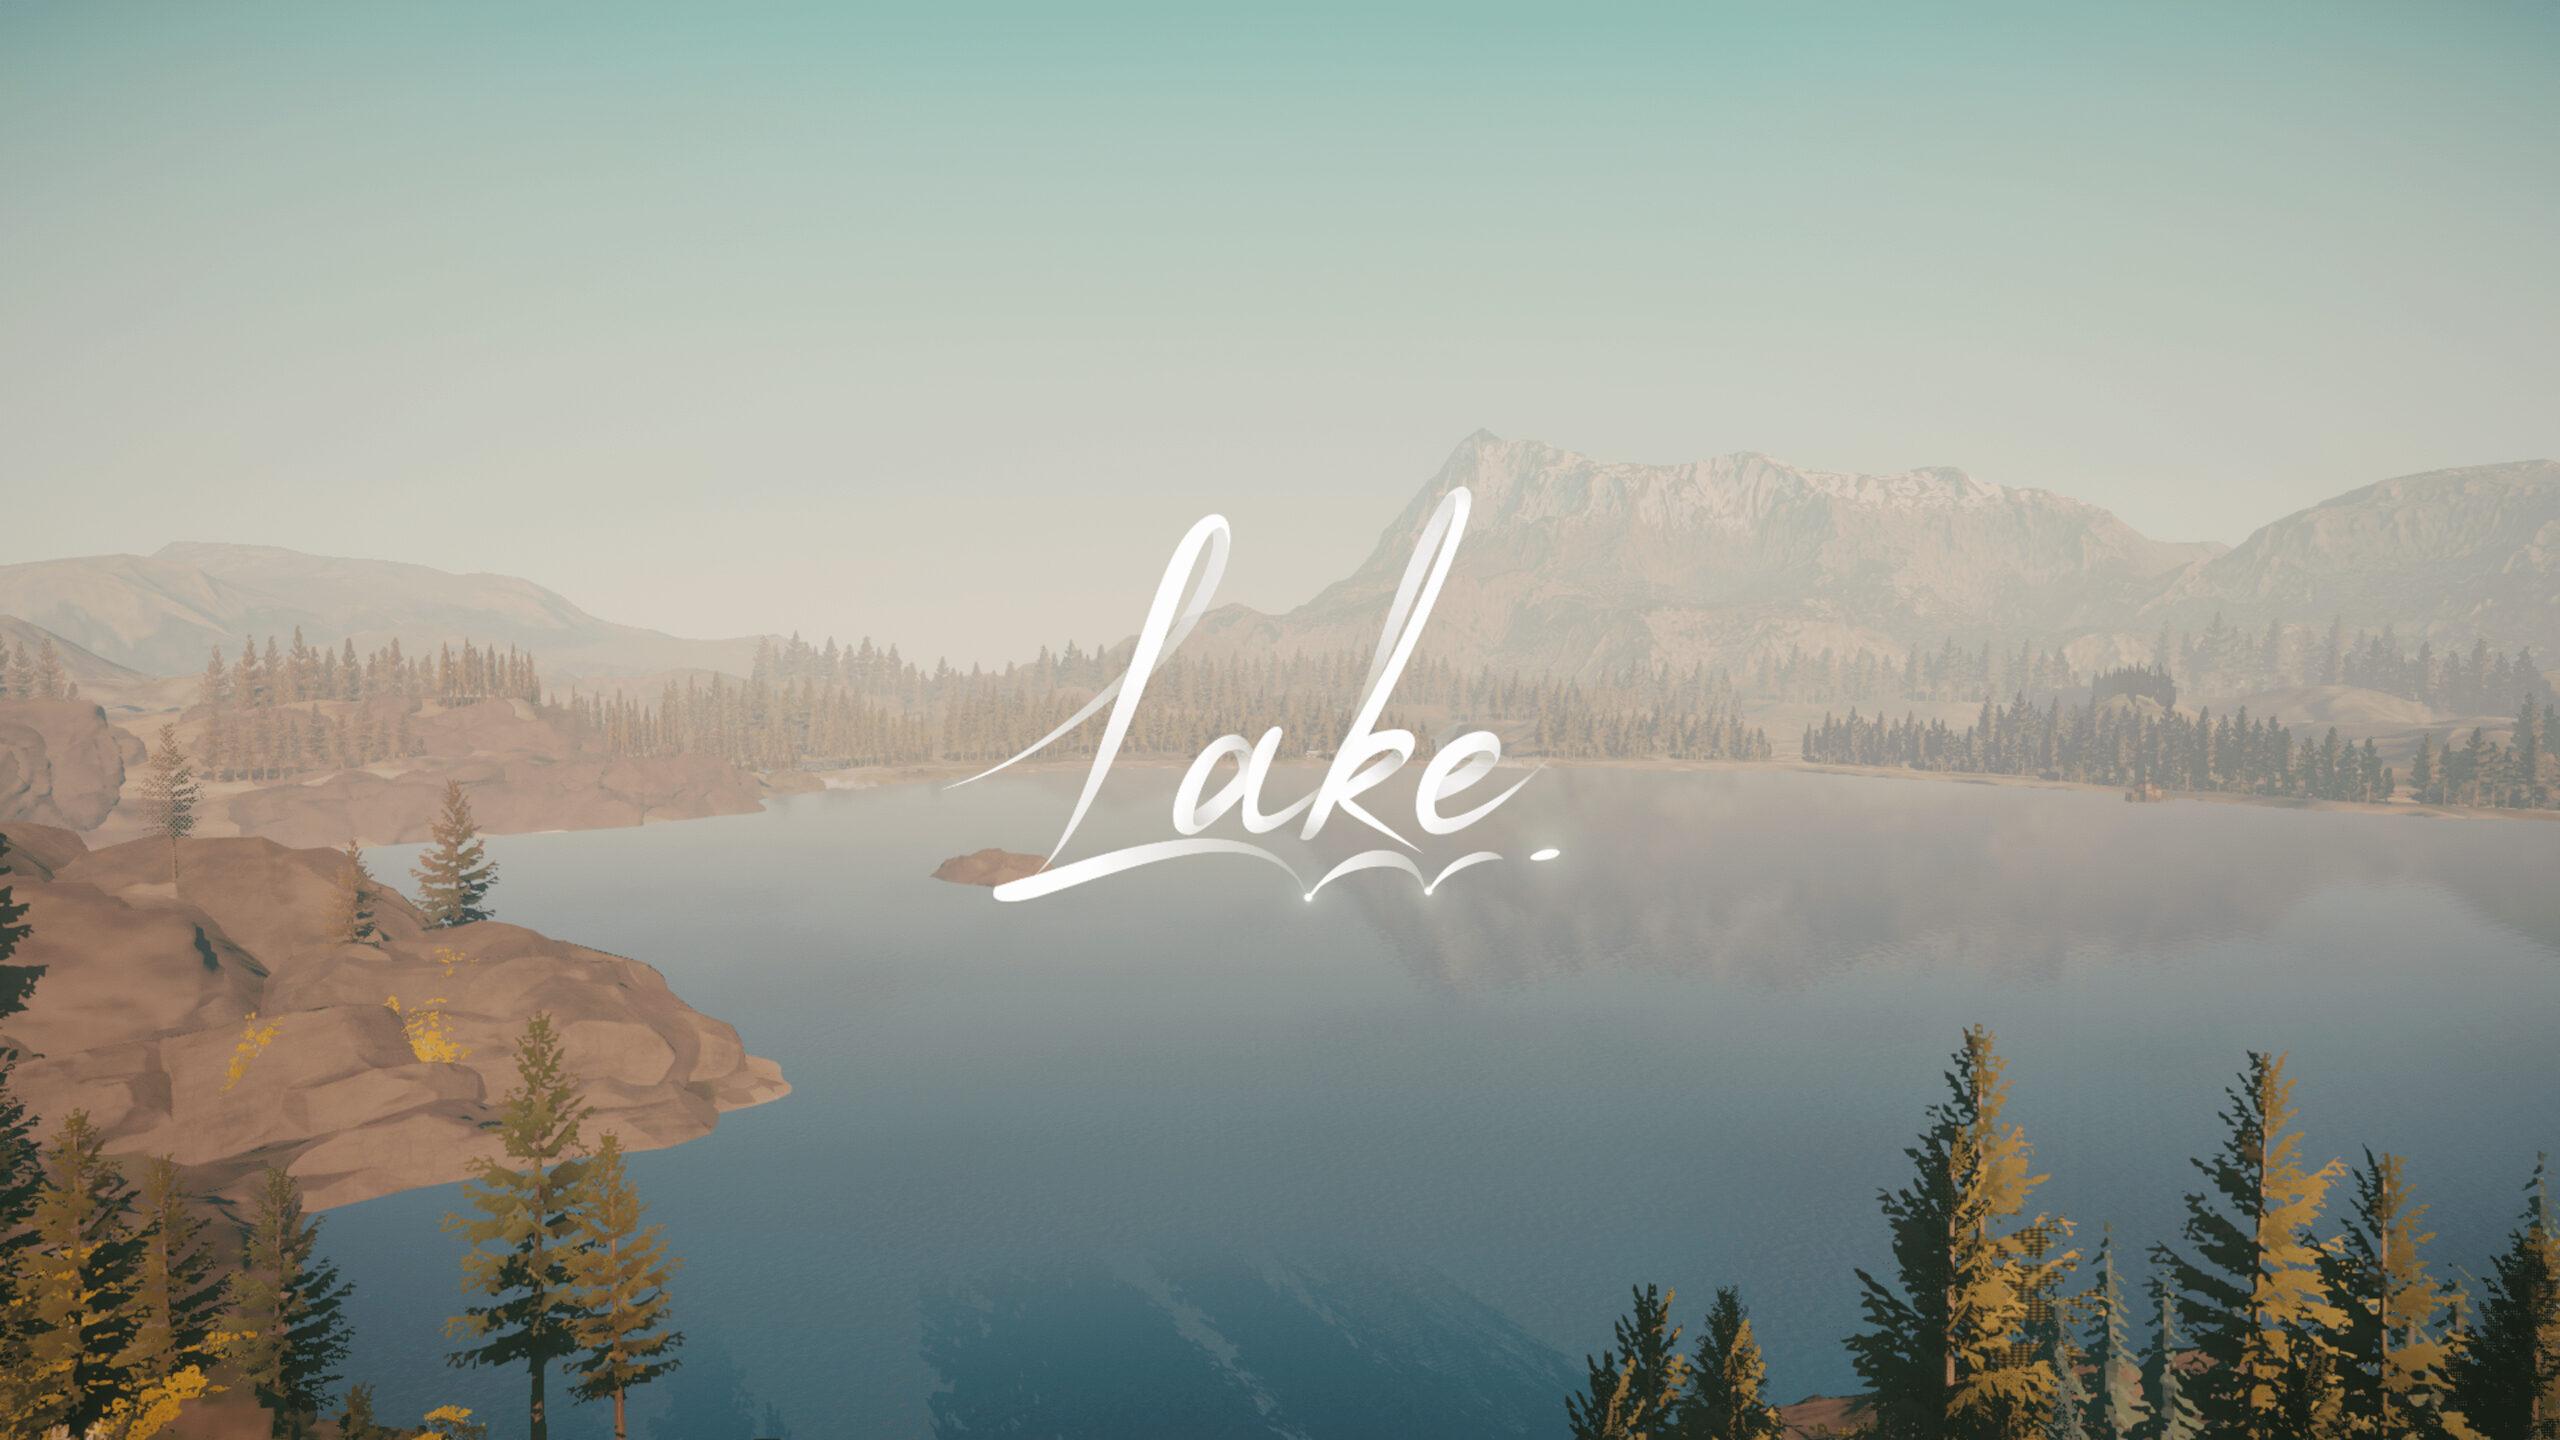 [Análisis] Lake, todo lo bueno ¿siempre pasa en septiembre?